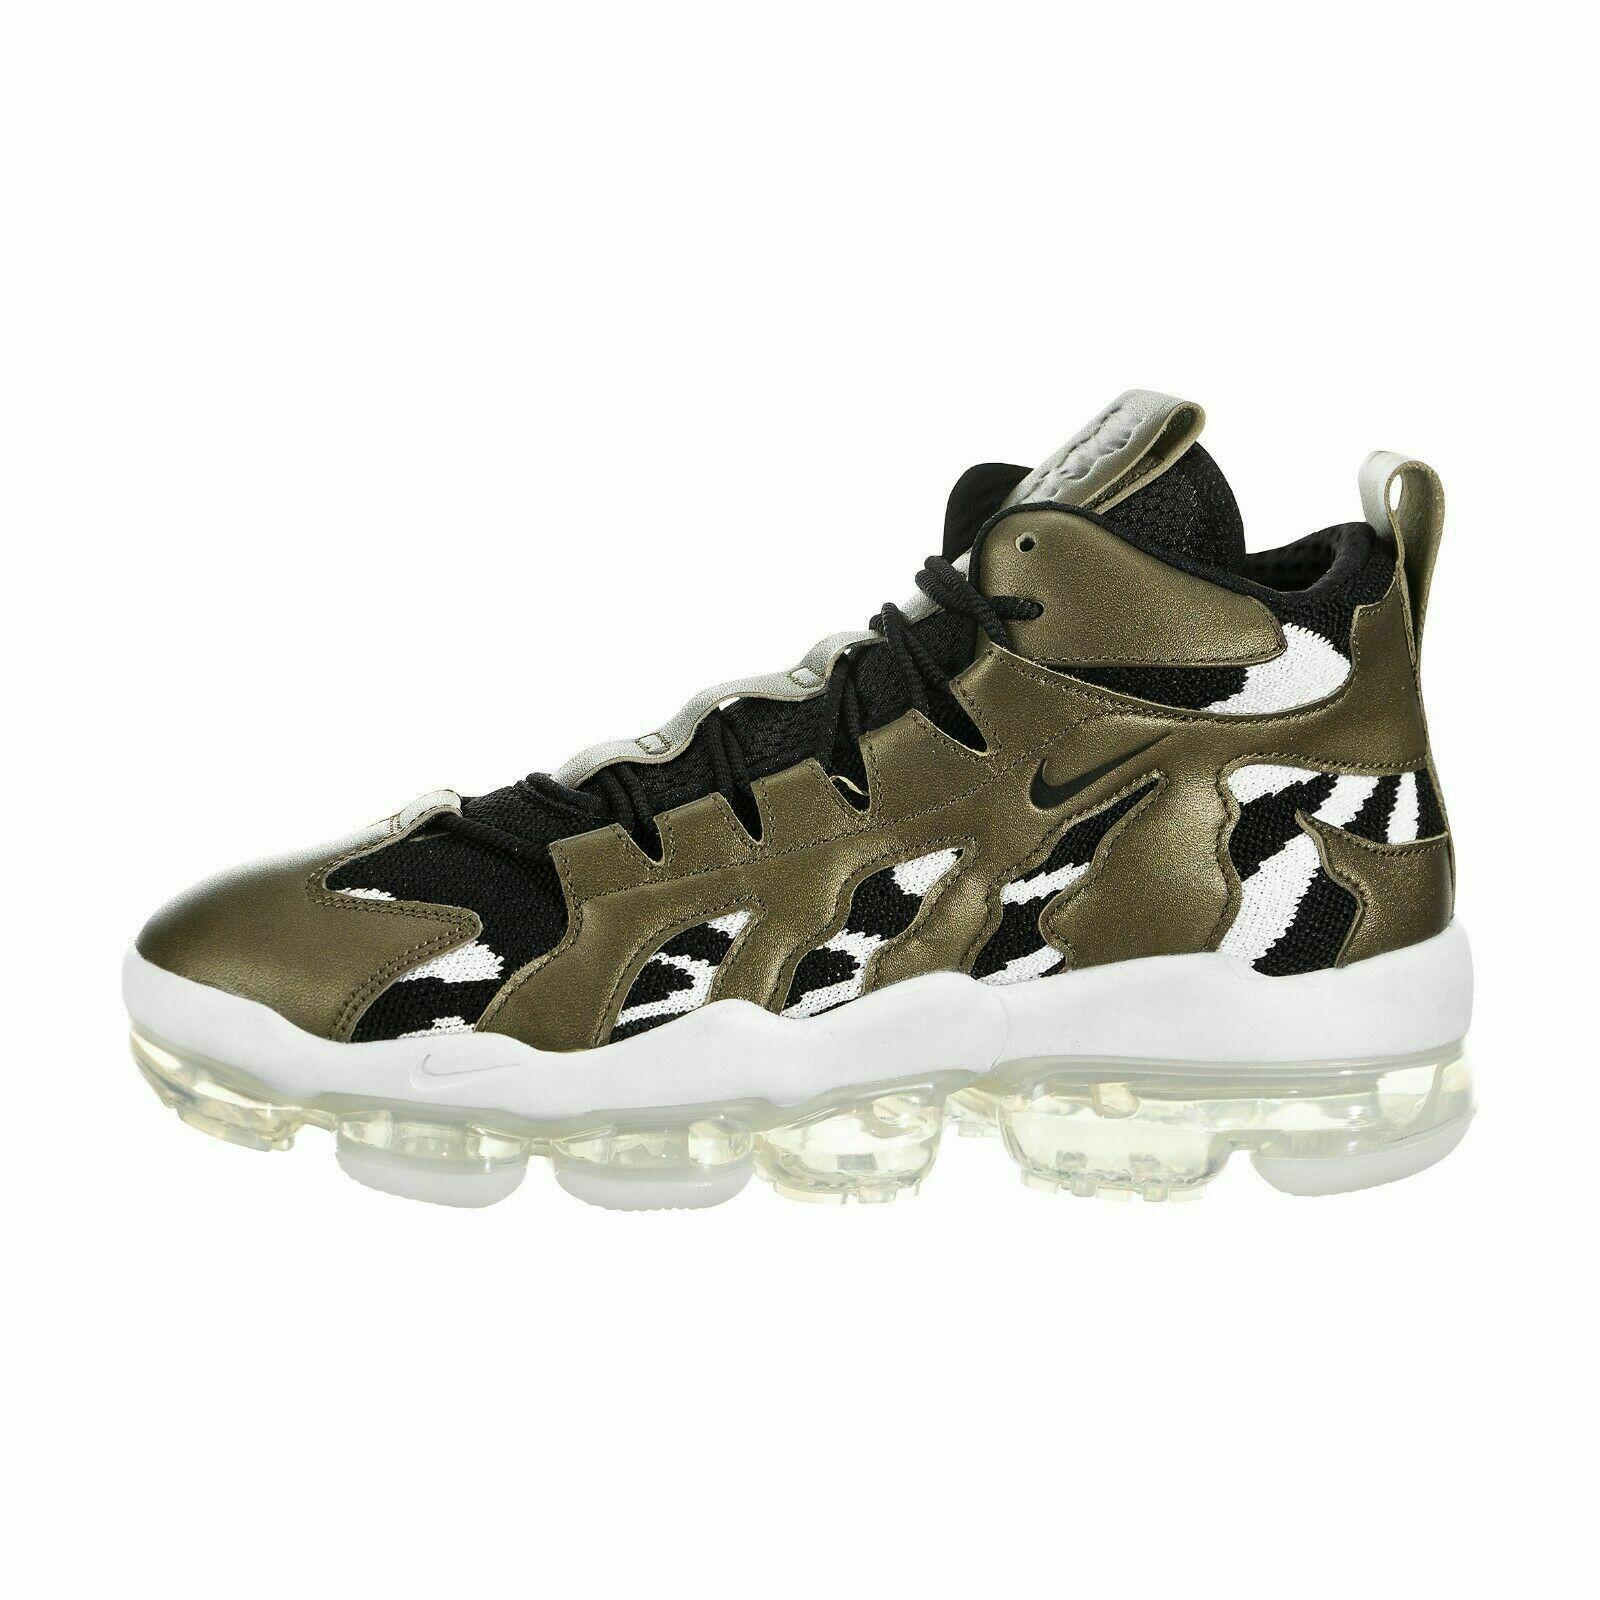 Nike Men's VaporMax Gliese Fashion Casual Running Sneakers AO2445 900